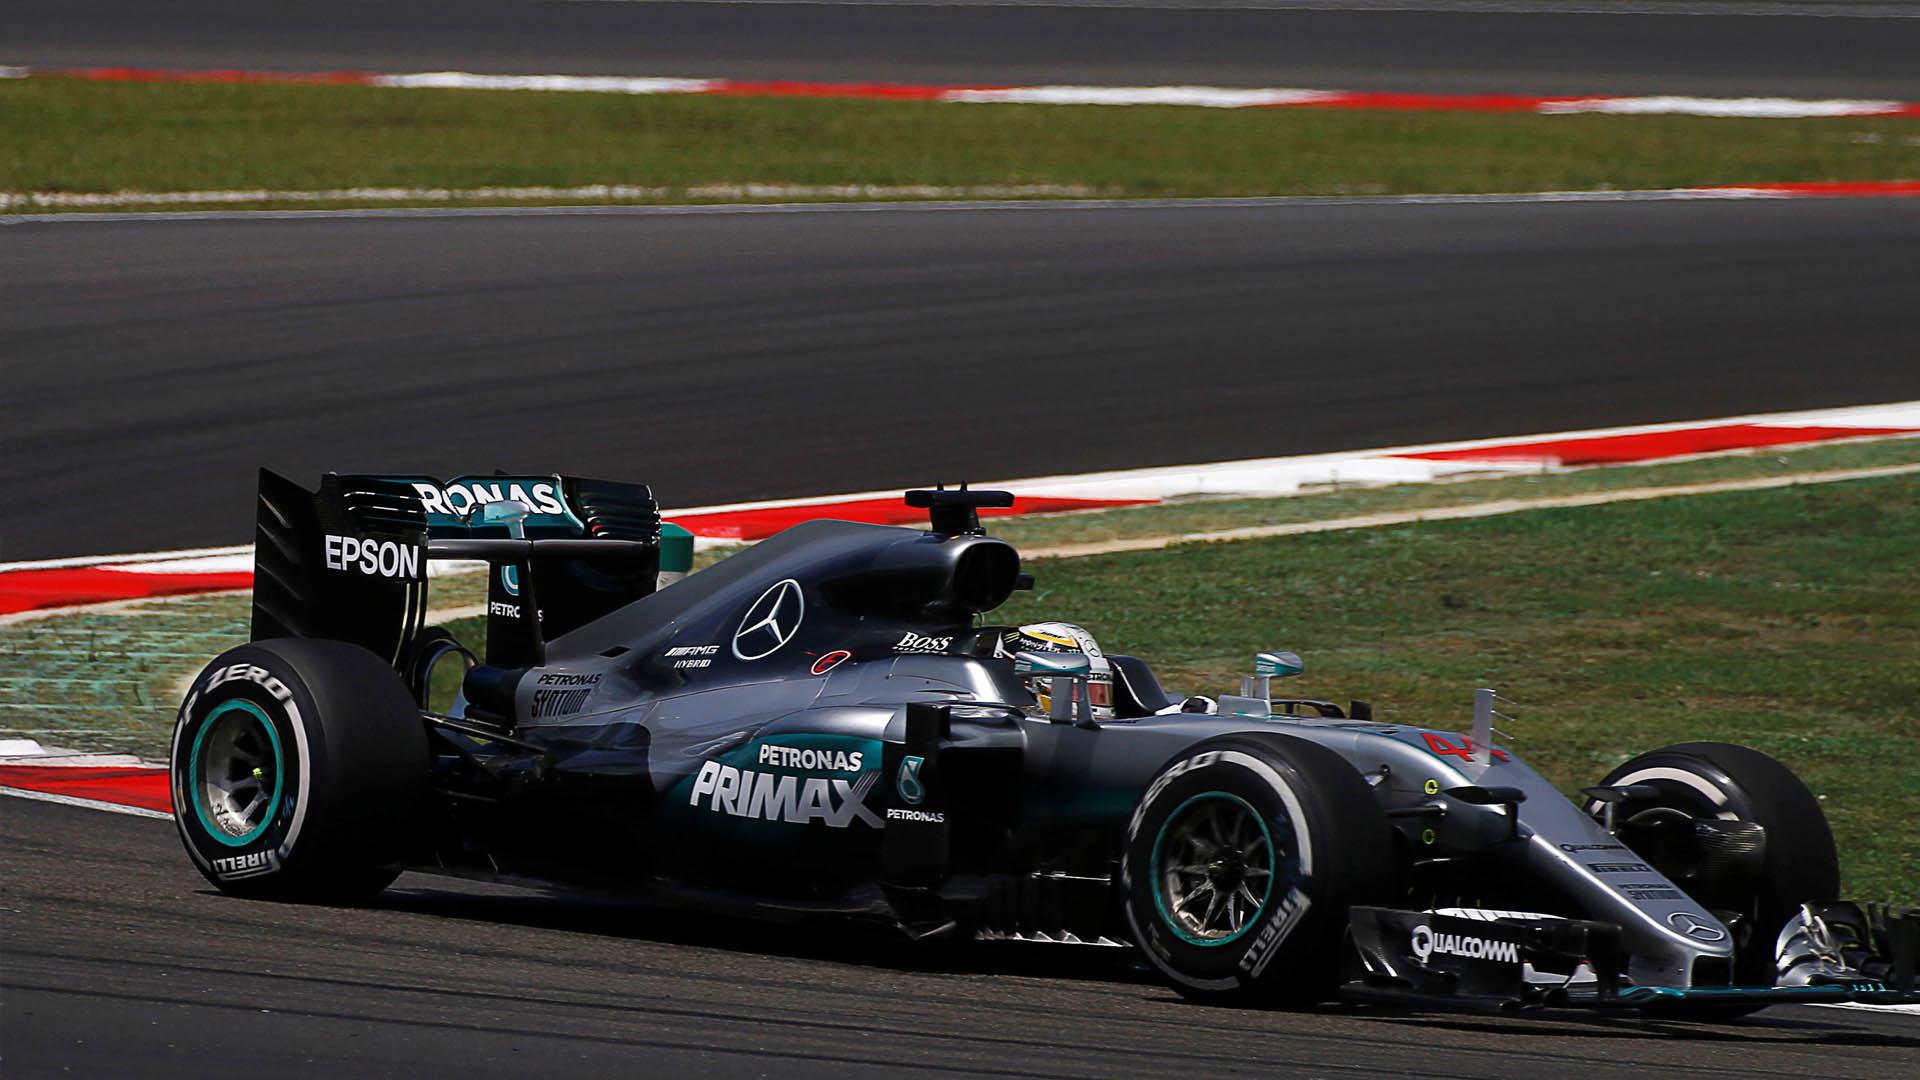 La empresa alemana confirmó que a pesar del accidente que sufrió Lewis Hamilton en Malasia, seguirán con el mismo sistema